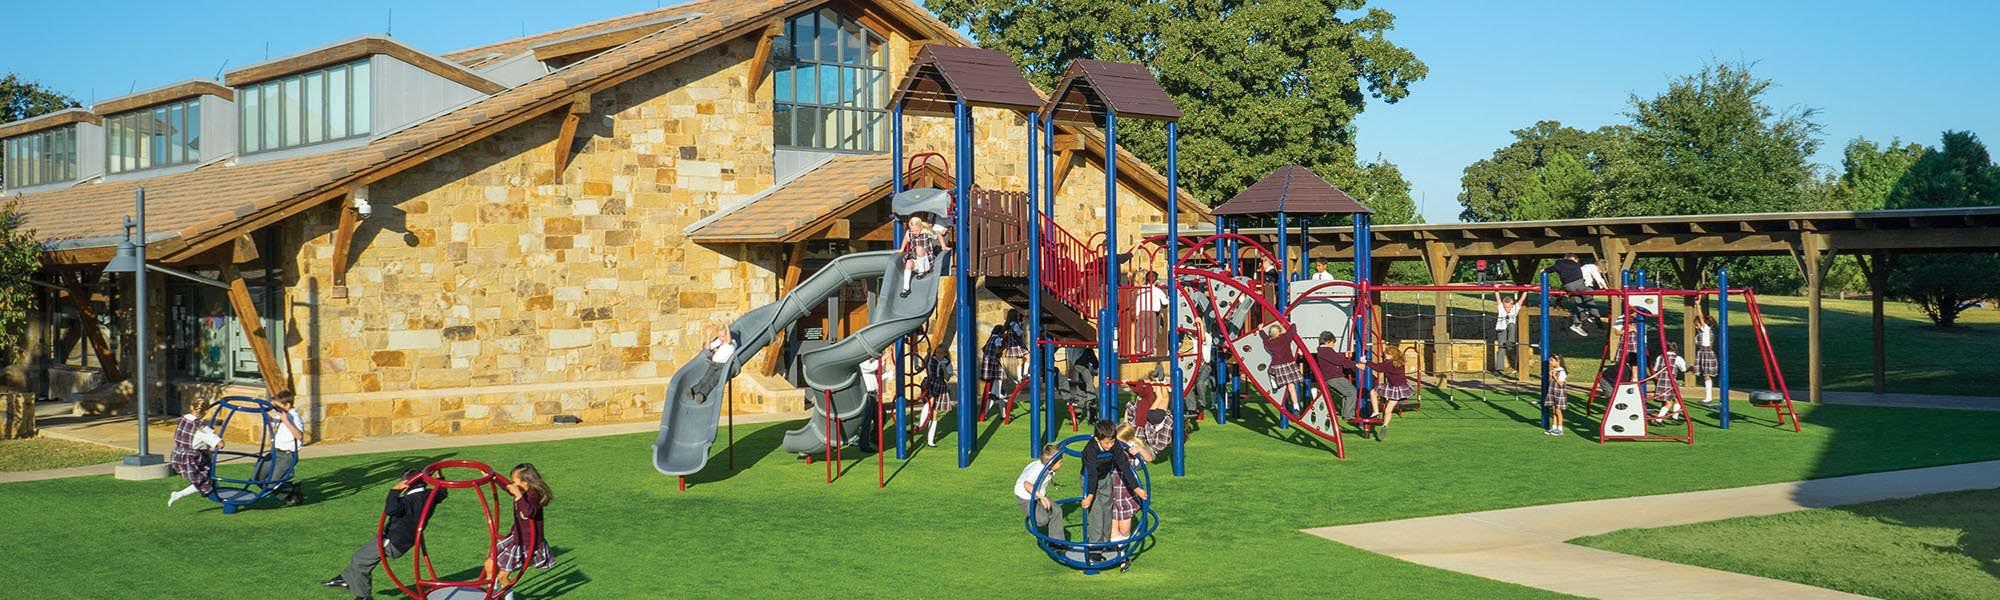 School Aged Play